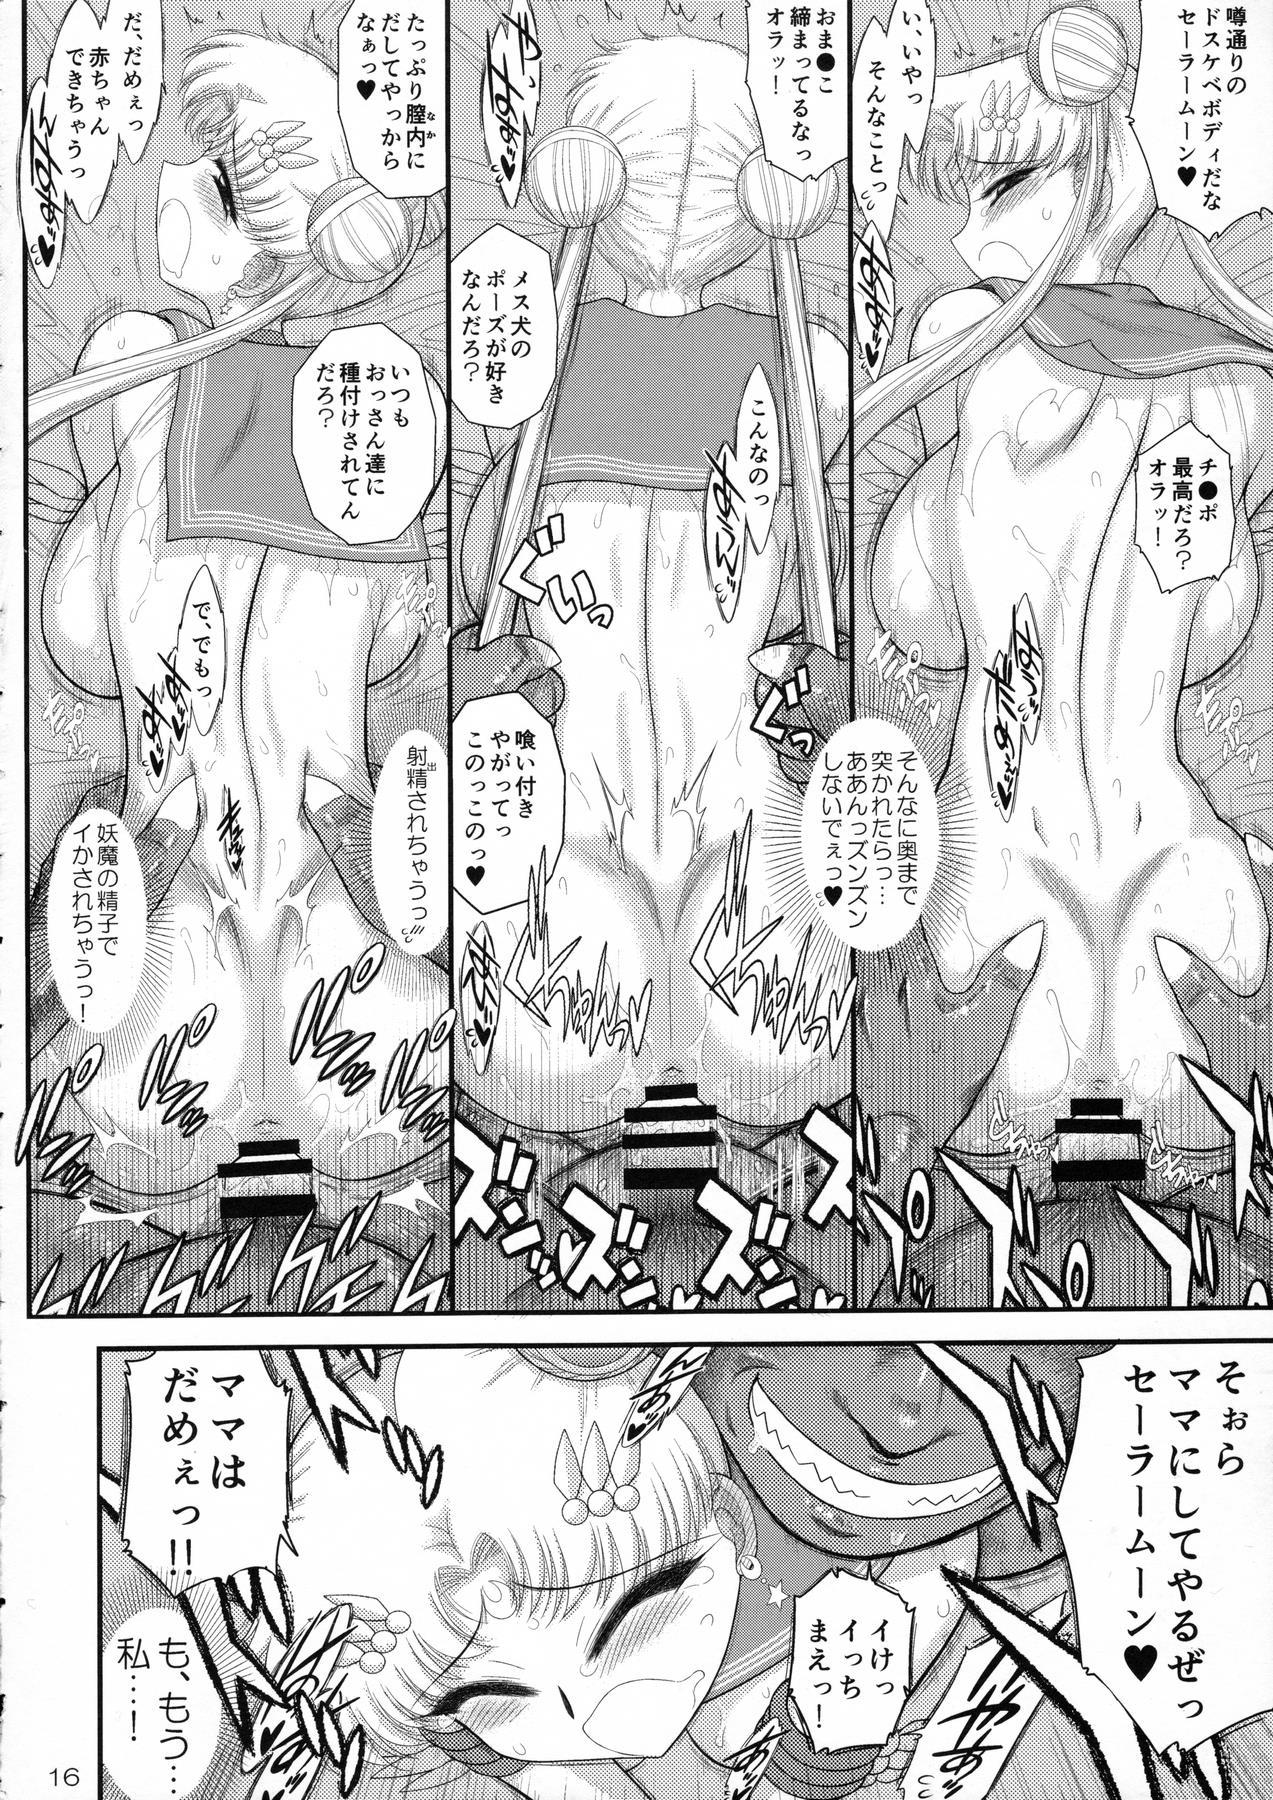 メス犬と化したセーラームーンは3pでアナルもマンコも突っつかれ調教!!!ww【セーラームーン エロ漫画・エロ同人】 (15)